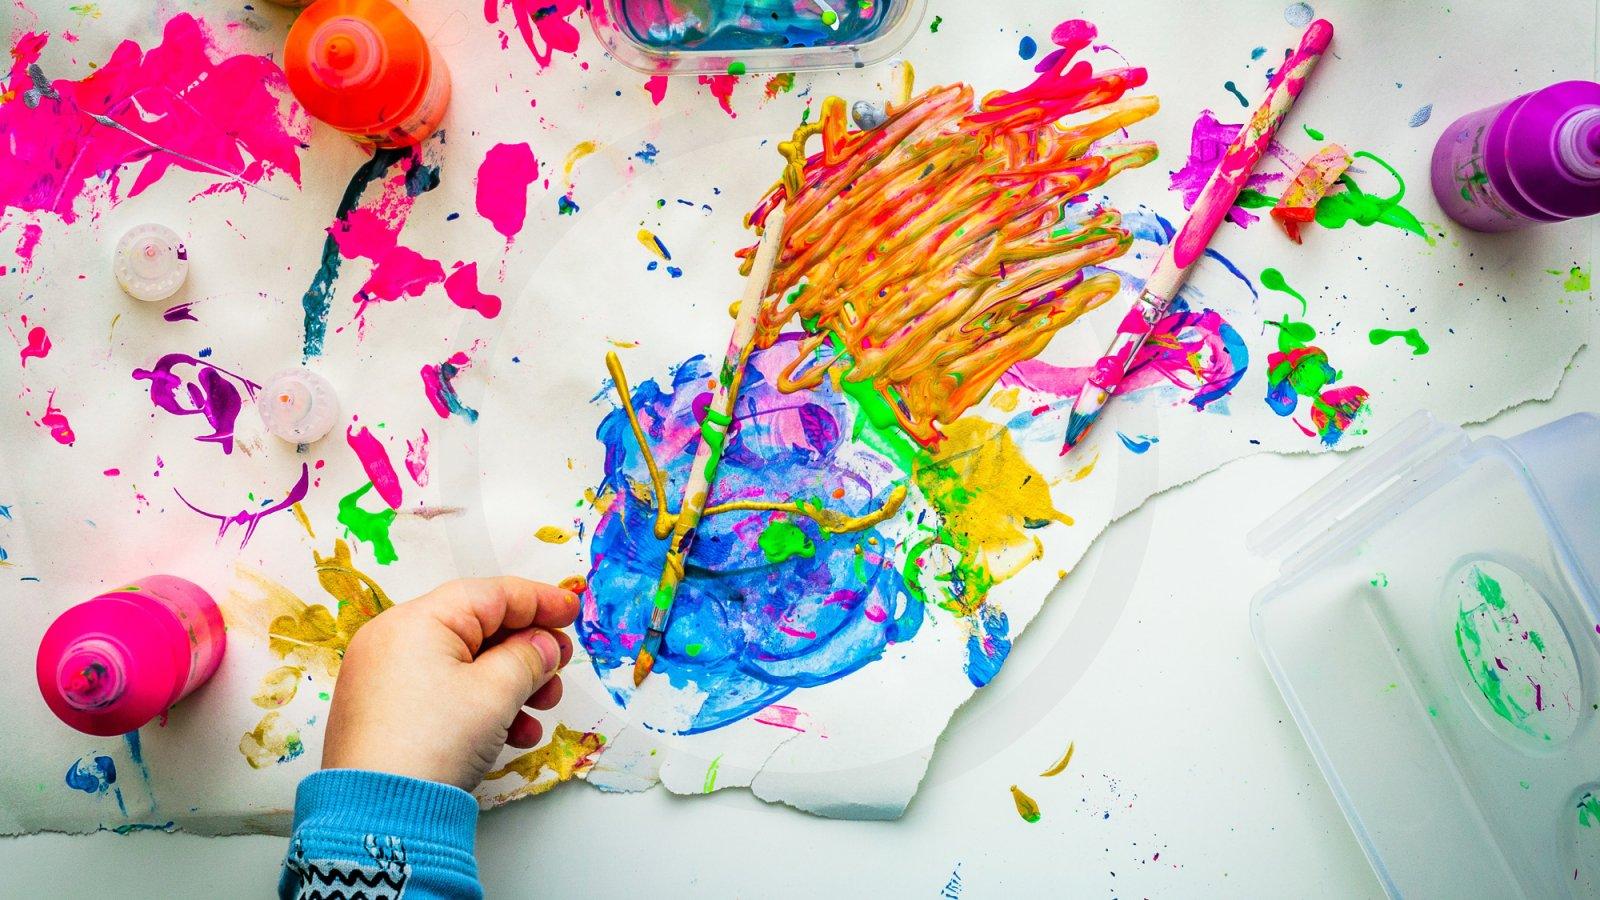 Kreativität in stressigen Zeiten